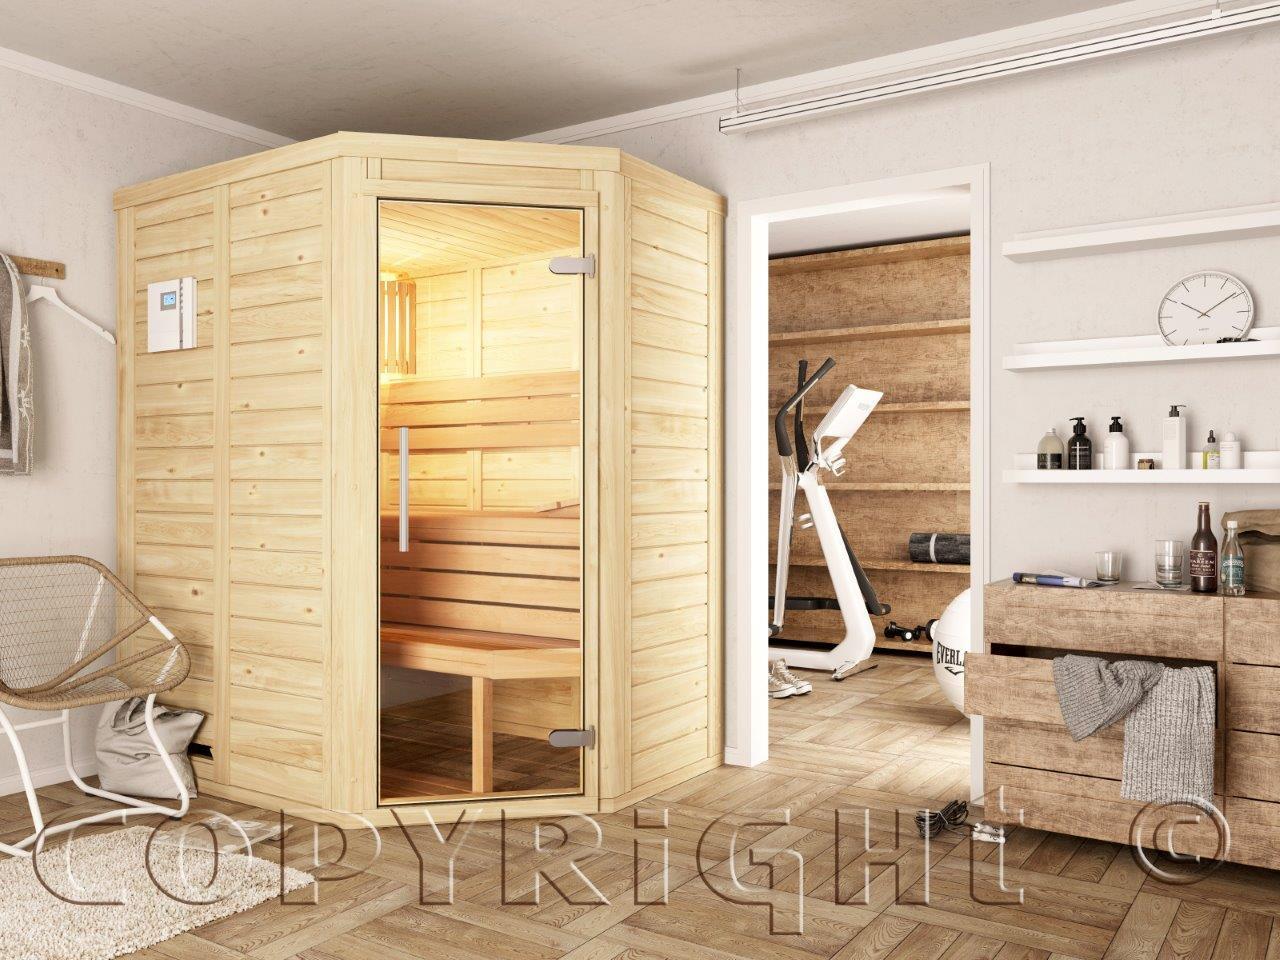 Saunabau mit nordischen Hölzern, gesund